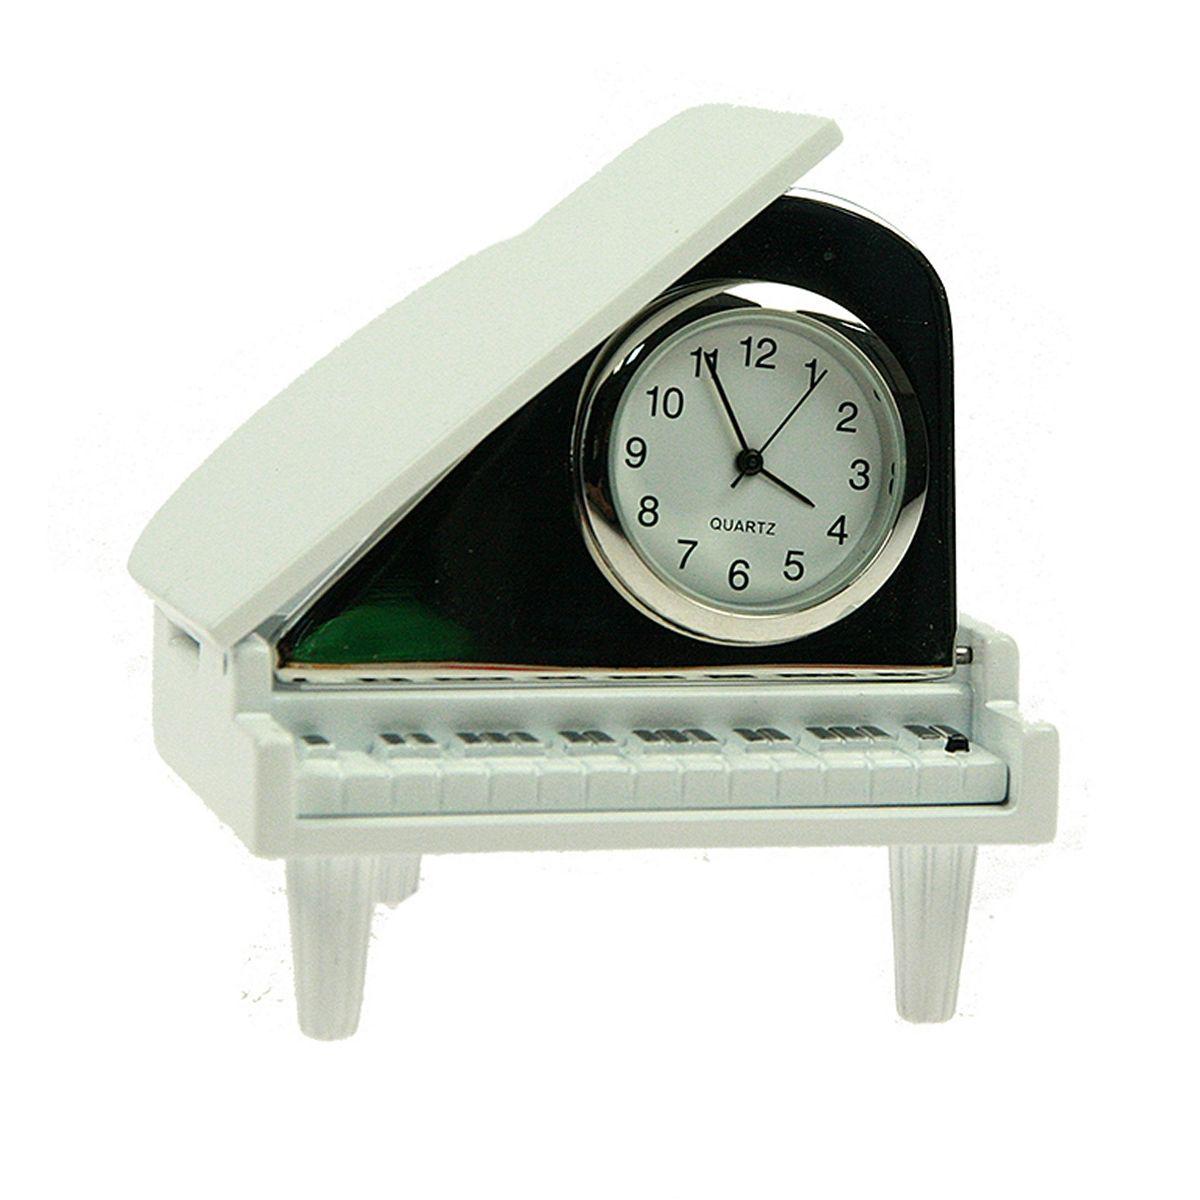 Часы настольные Русские Подарки Рояль. 2243141060Настольные кварцевые часы Русские Подарки Рояль изготовлены из металла. Изделие оригинально оформлено. Часы имеют три стрелки - часовую, минутную и секундную.Такие часы украсят интерьер дома или рабочий стол в офисе. Также часы могут стать уникальным, полезным подарком для родственников, коллег, знакомых и близких.Часы работают от батареек типа SR626 (в комплект не входят).